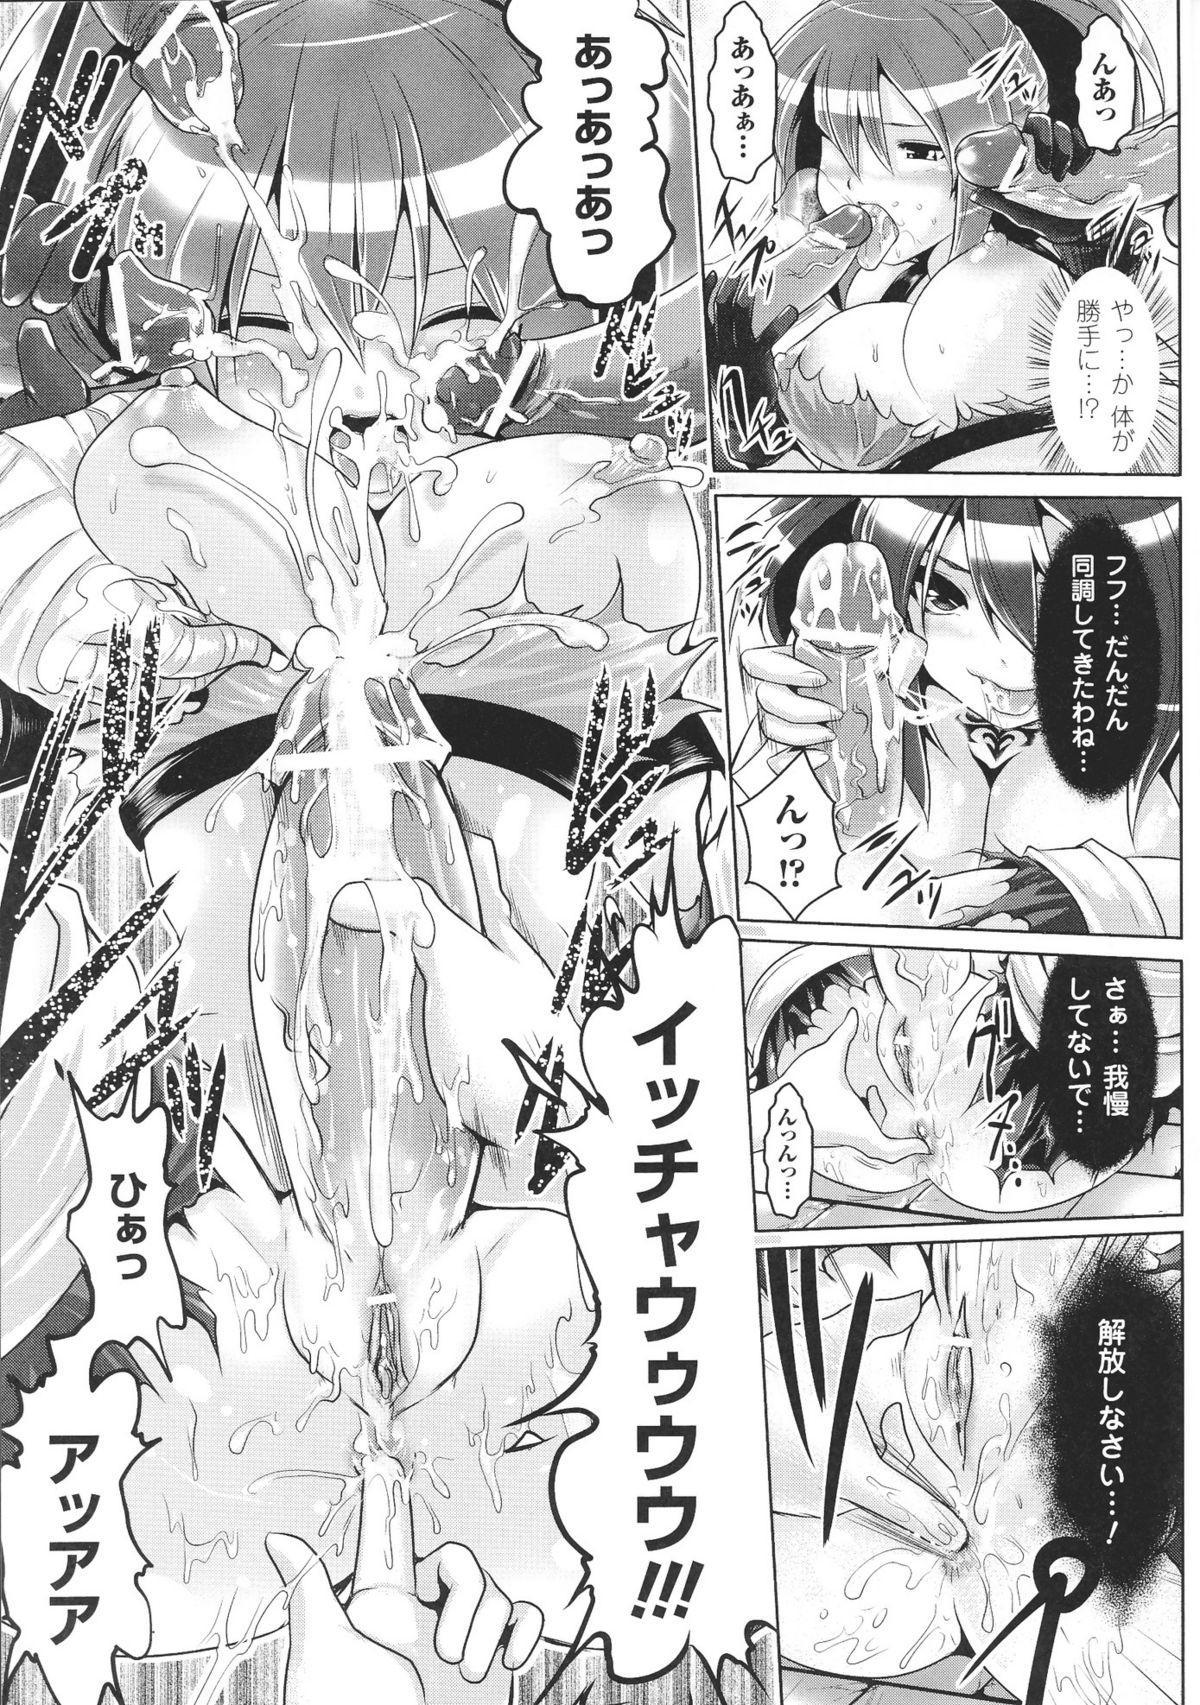 Toushin Engi Vol. 5 122